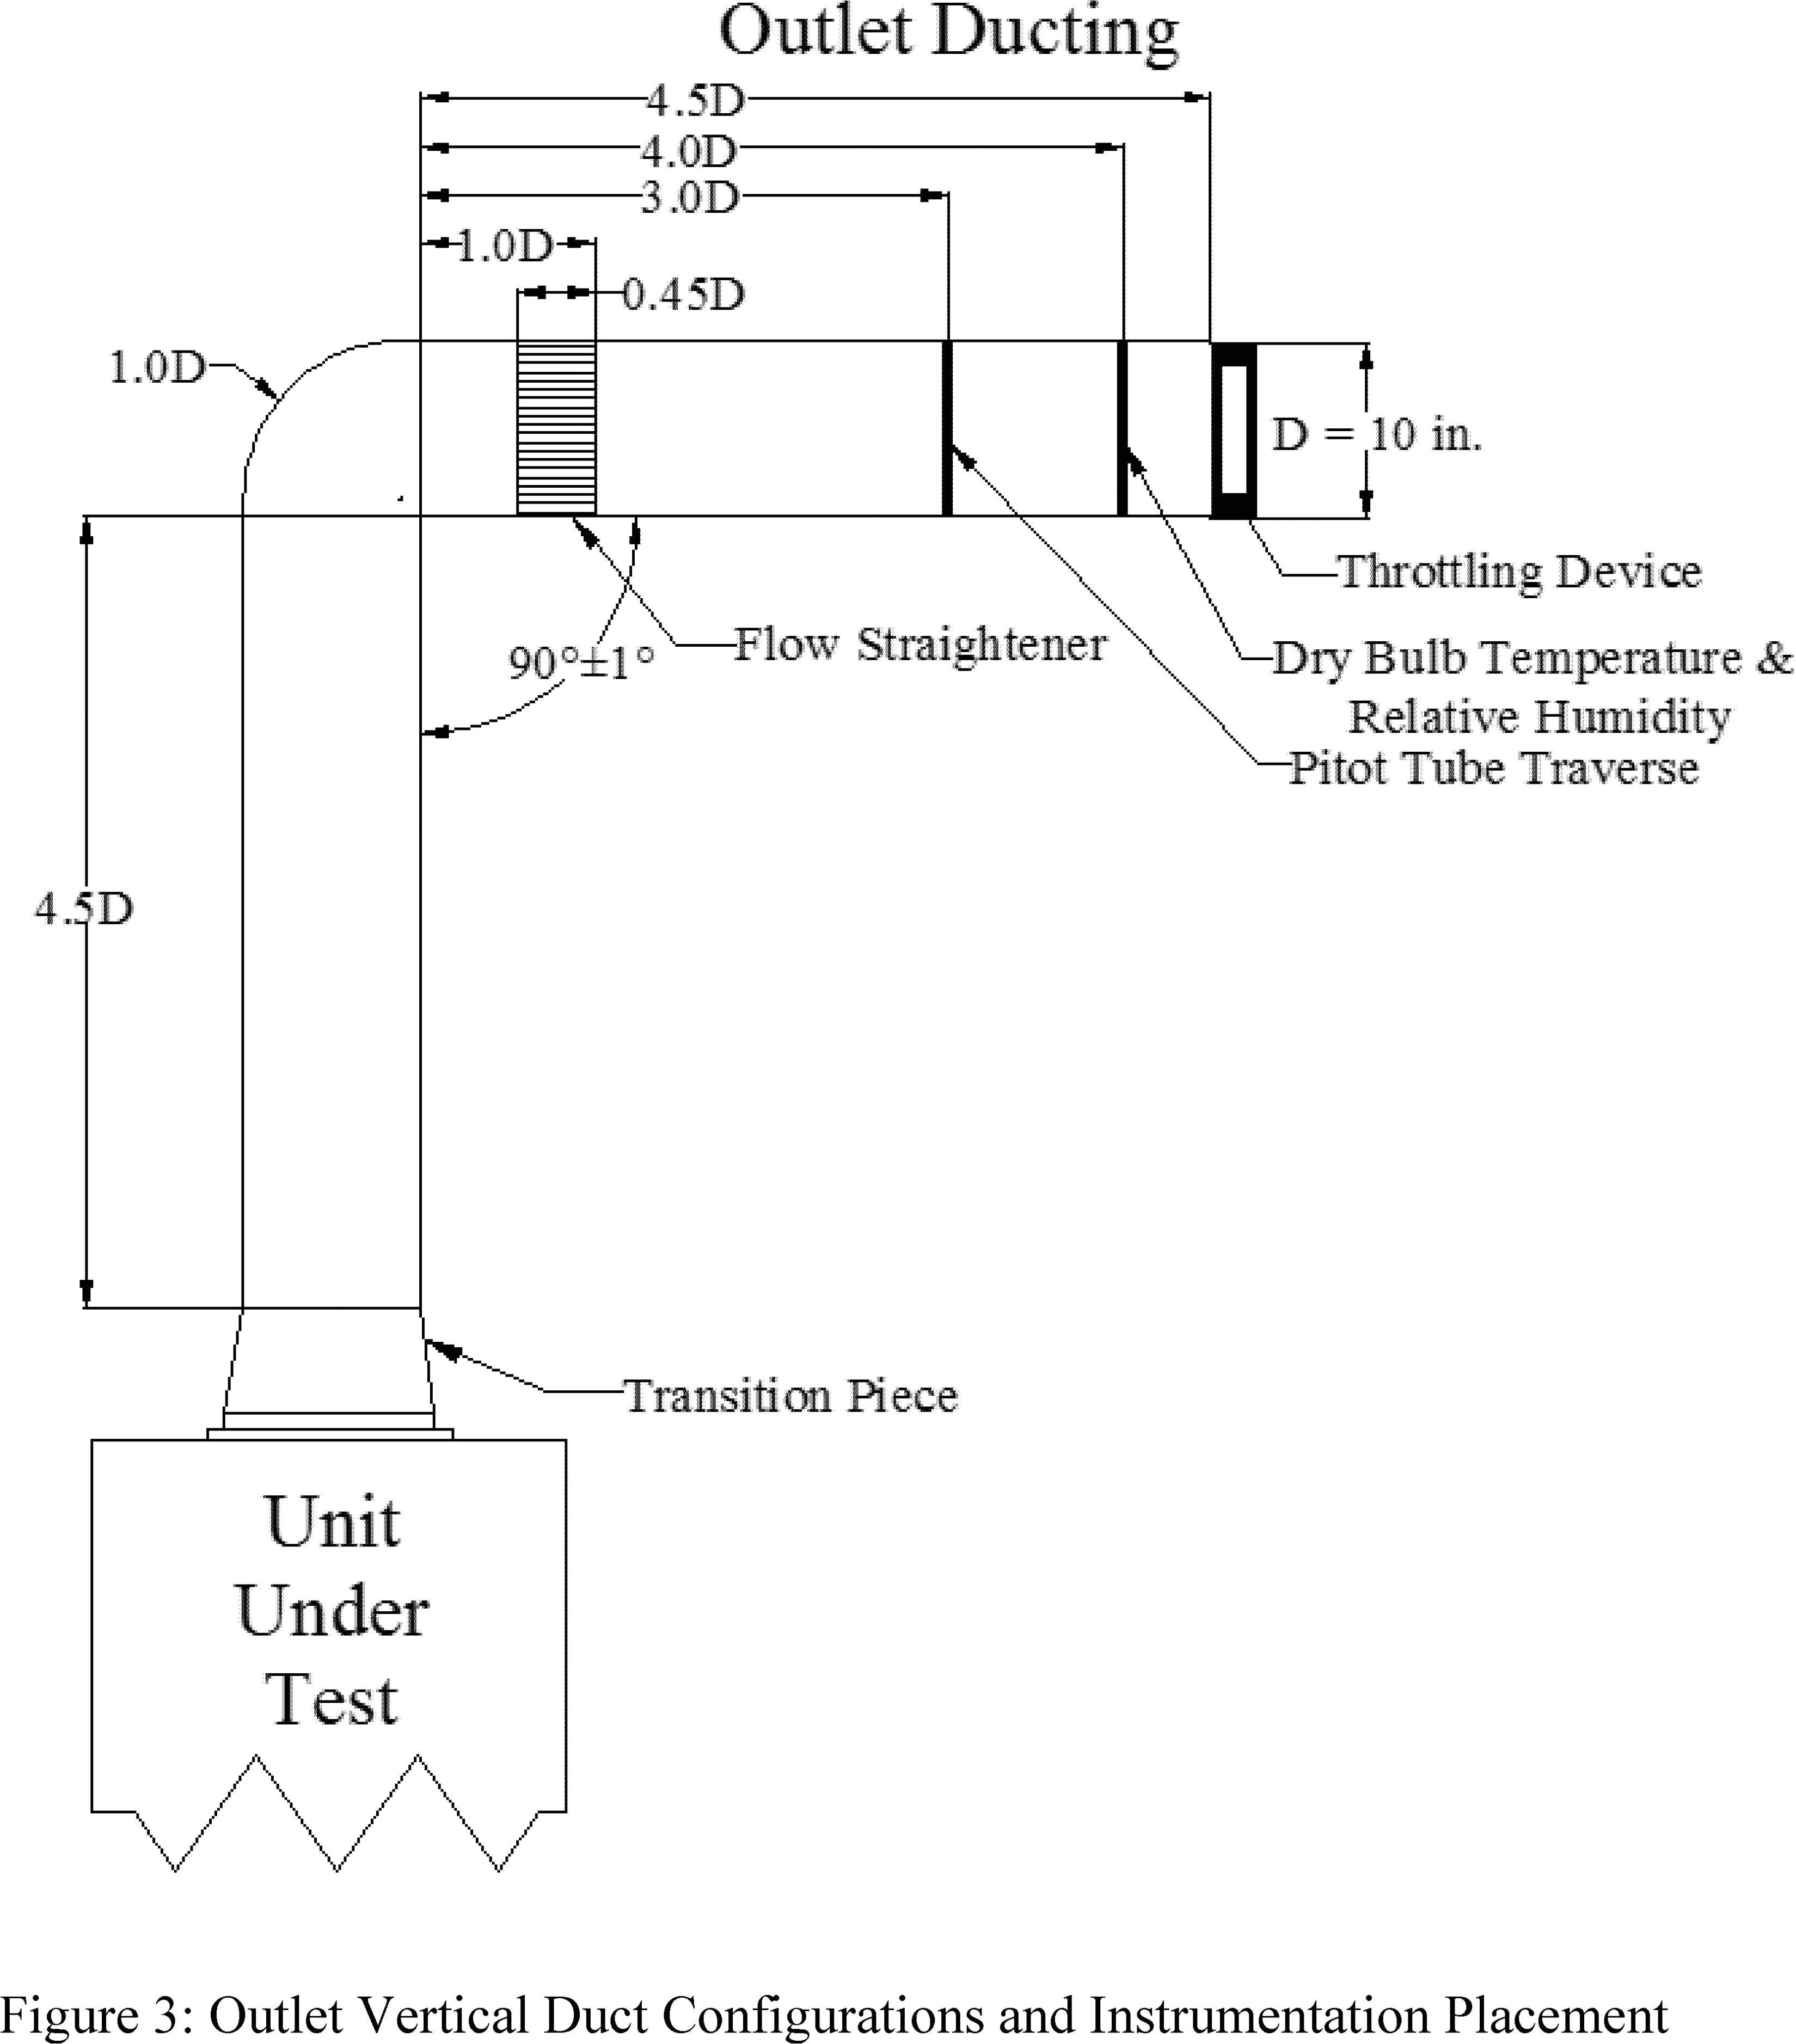 dayton wiring diagrams dayton electric diagrams dayton parts30 dayton ac motor wiring diagram u2013